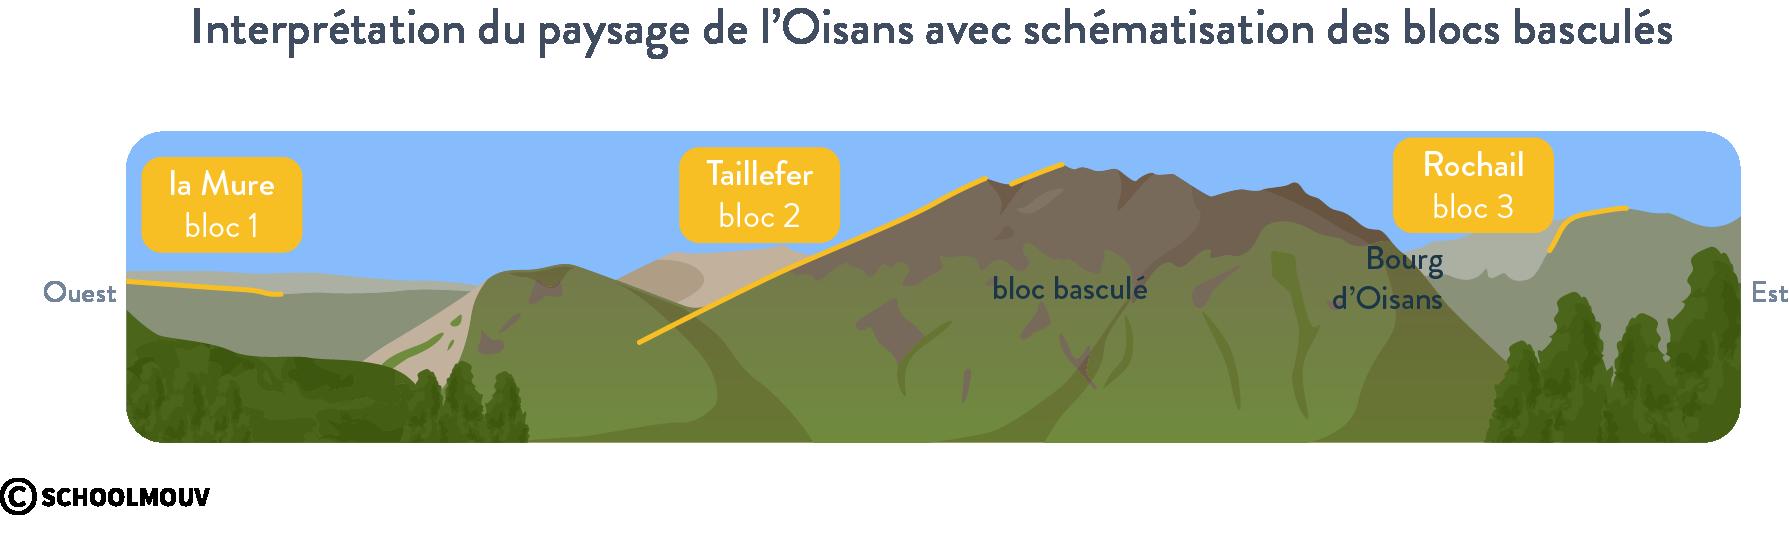 Interprétation du paysage de l'Oisans avec schématisation des blocs basculés